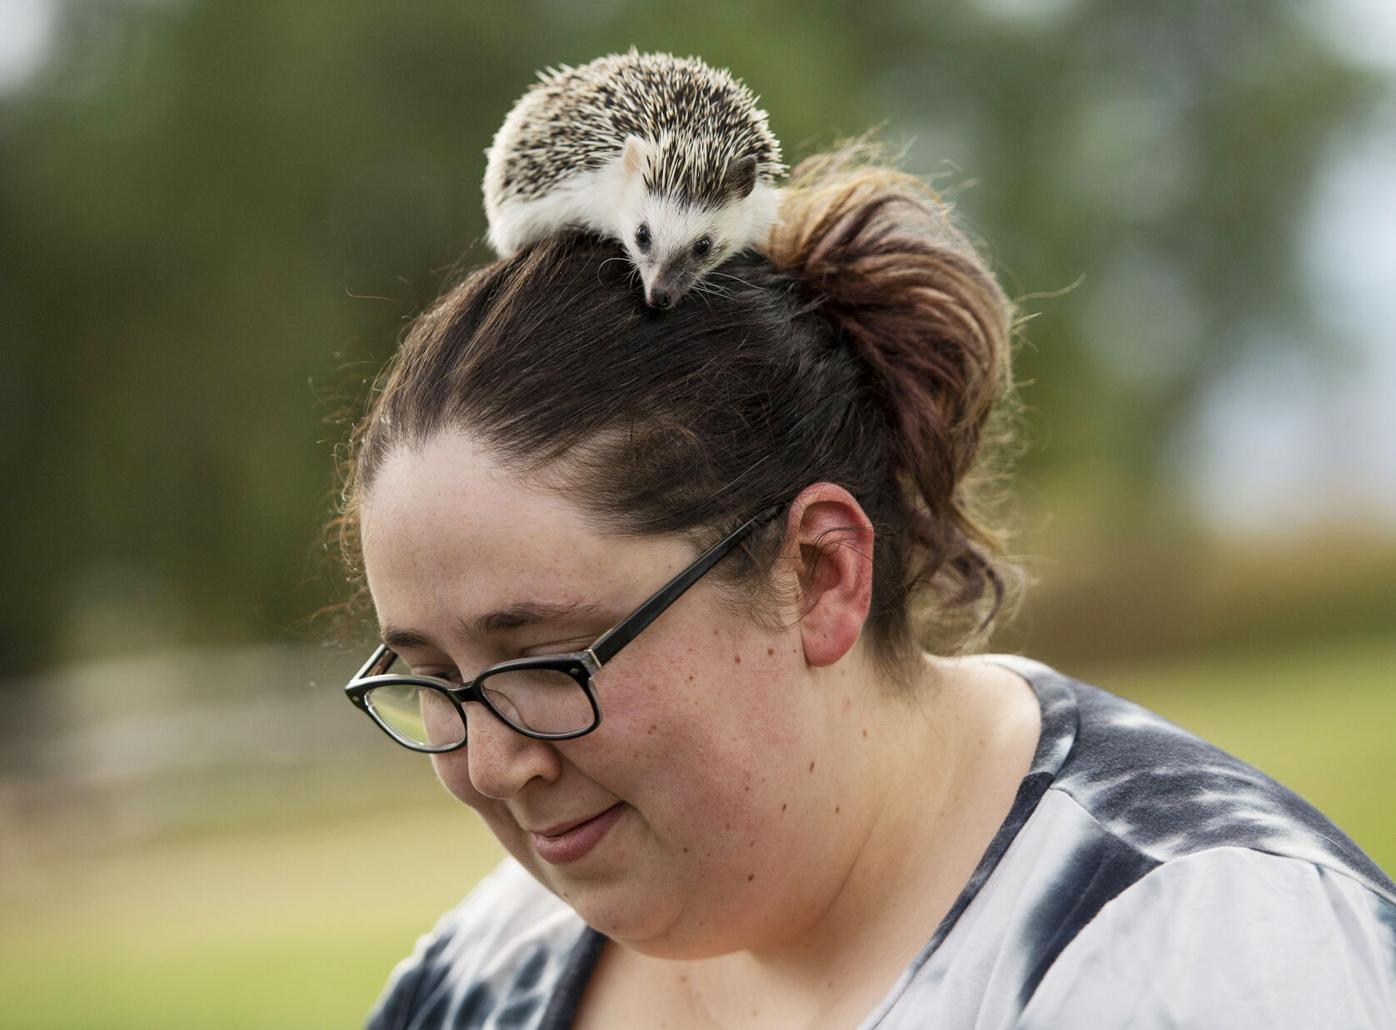 082921-life-hedgehogs 06